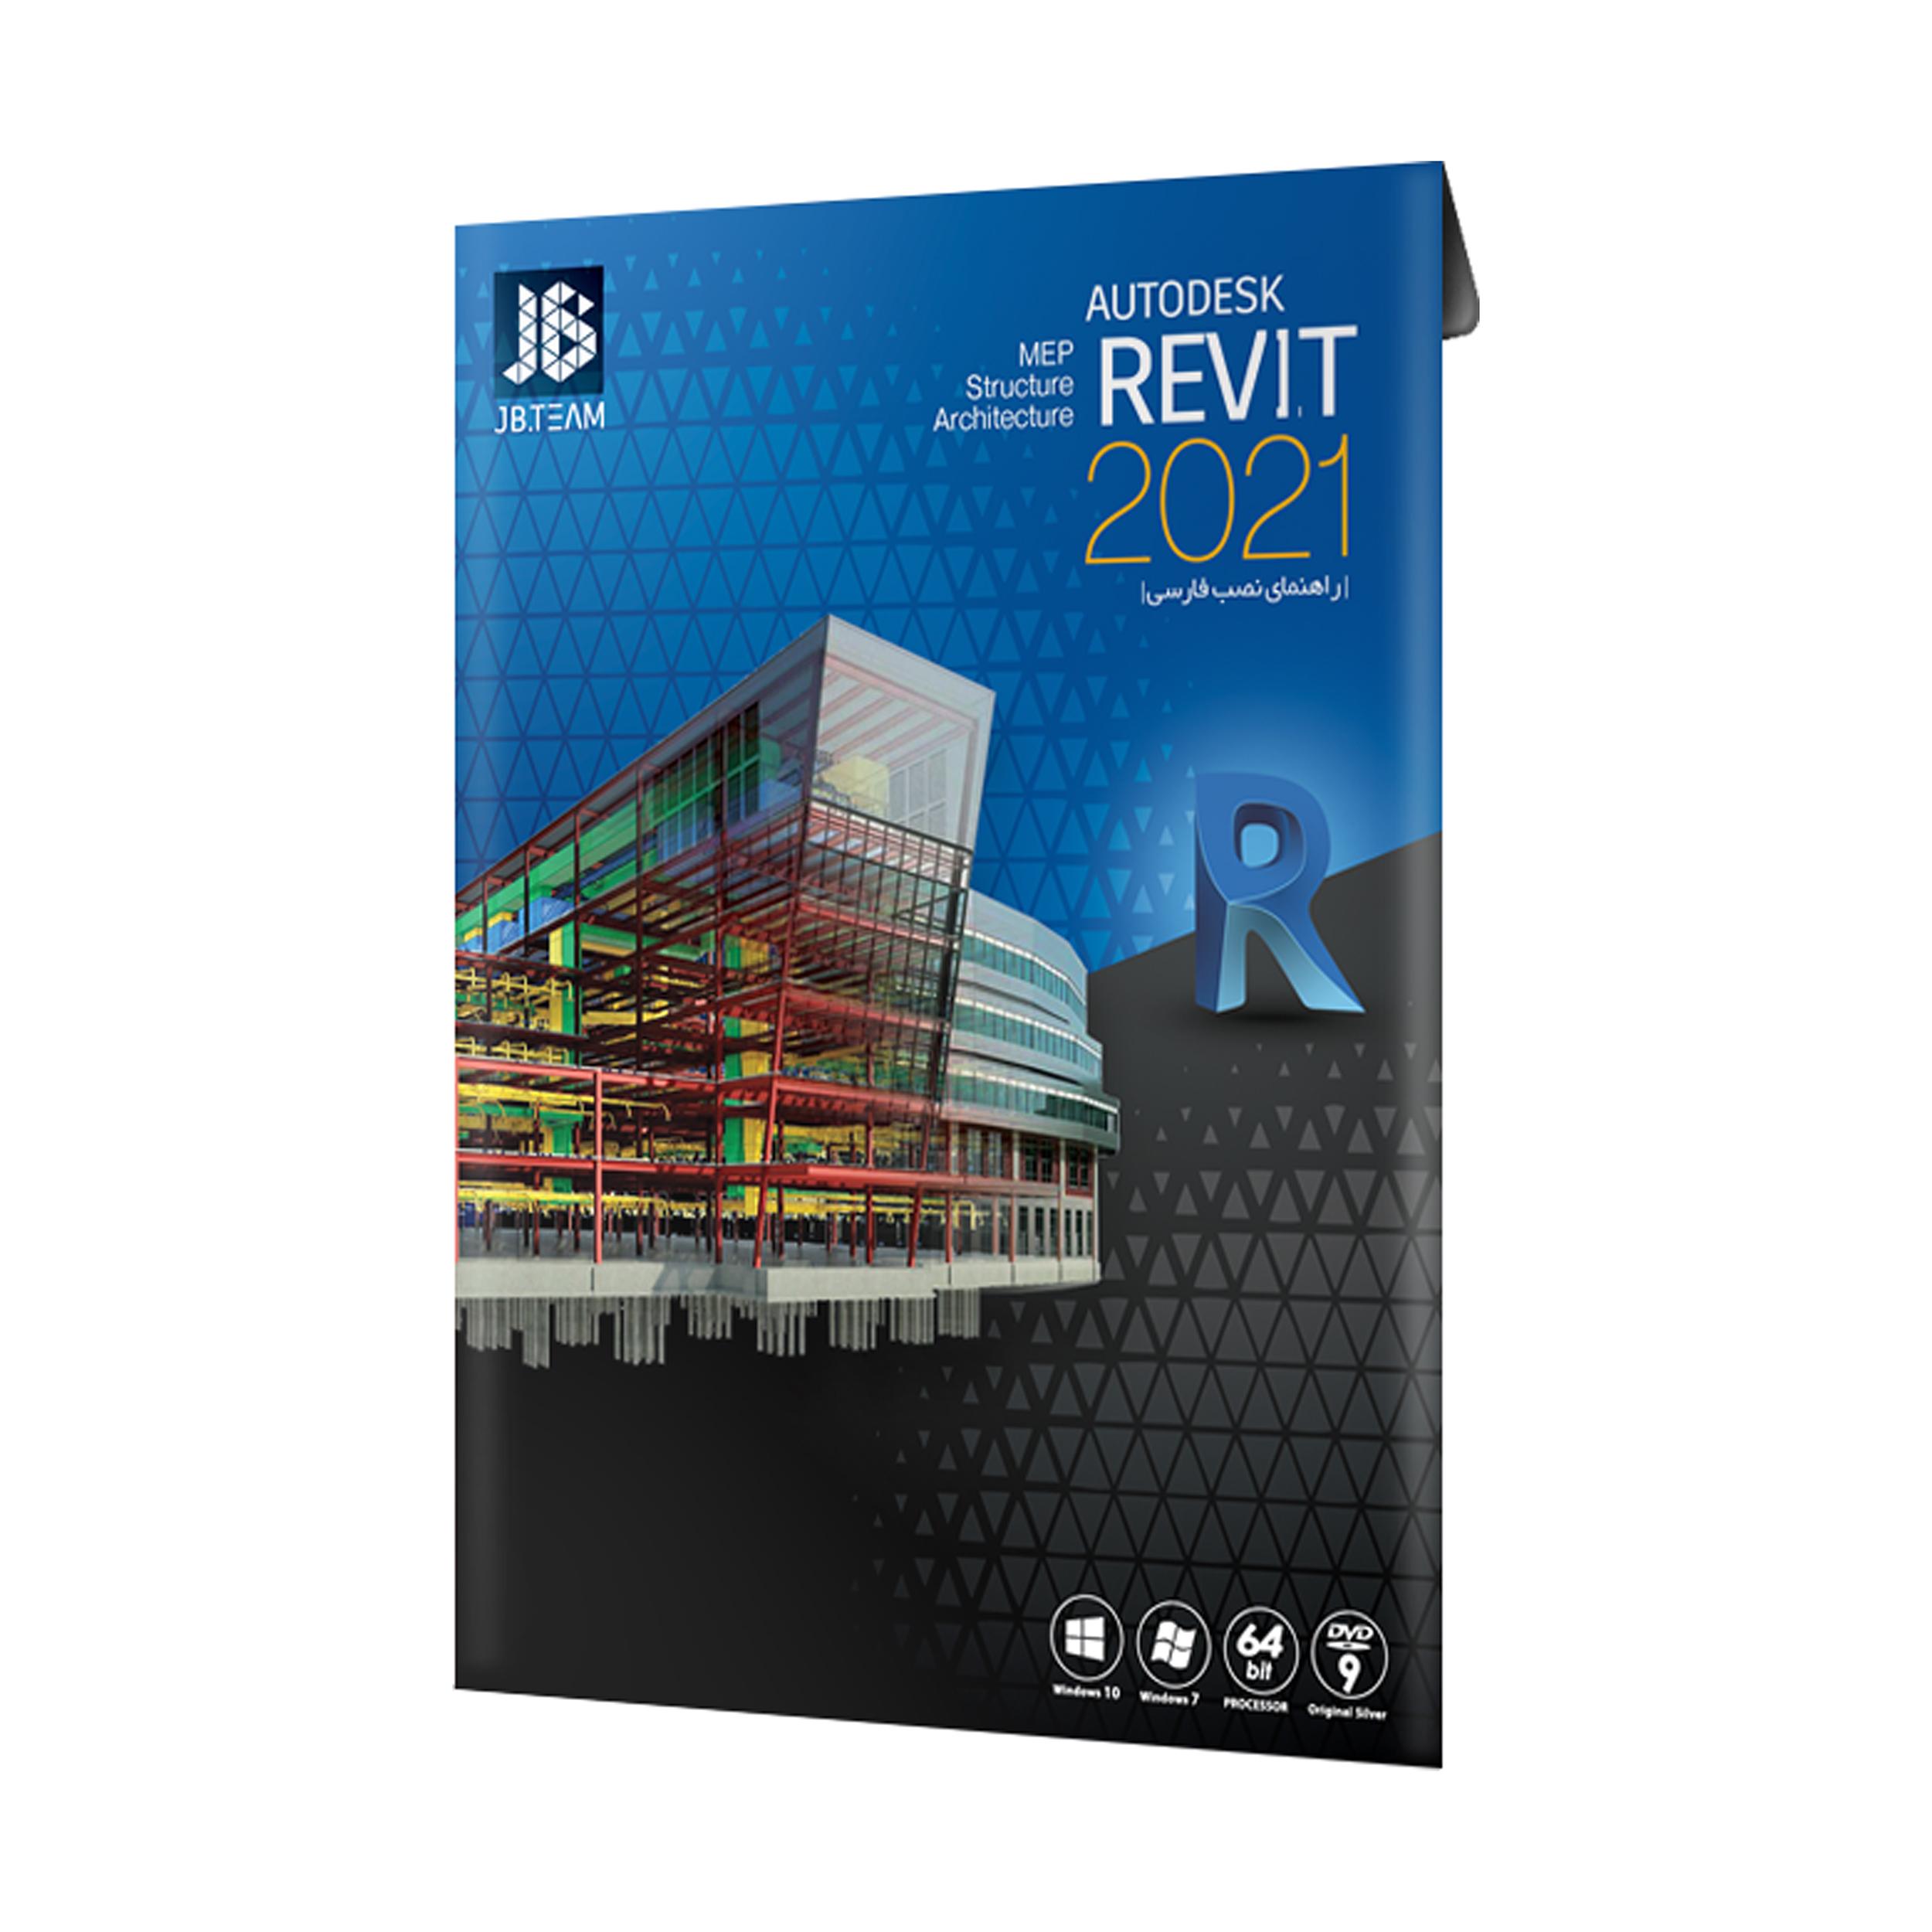 مجموعه نرم افزار Autodesk Revit 2021 نشر جي بي تيم